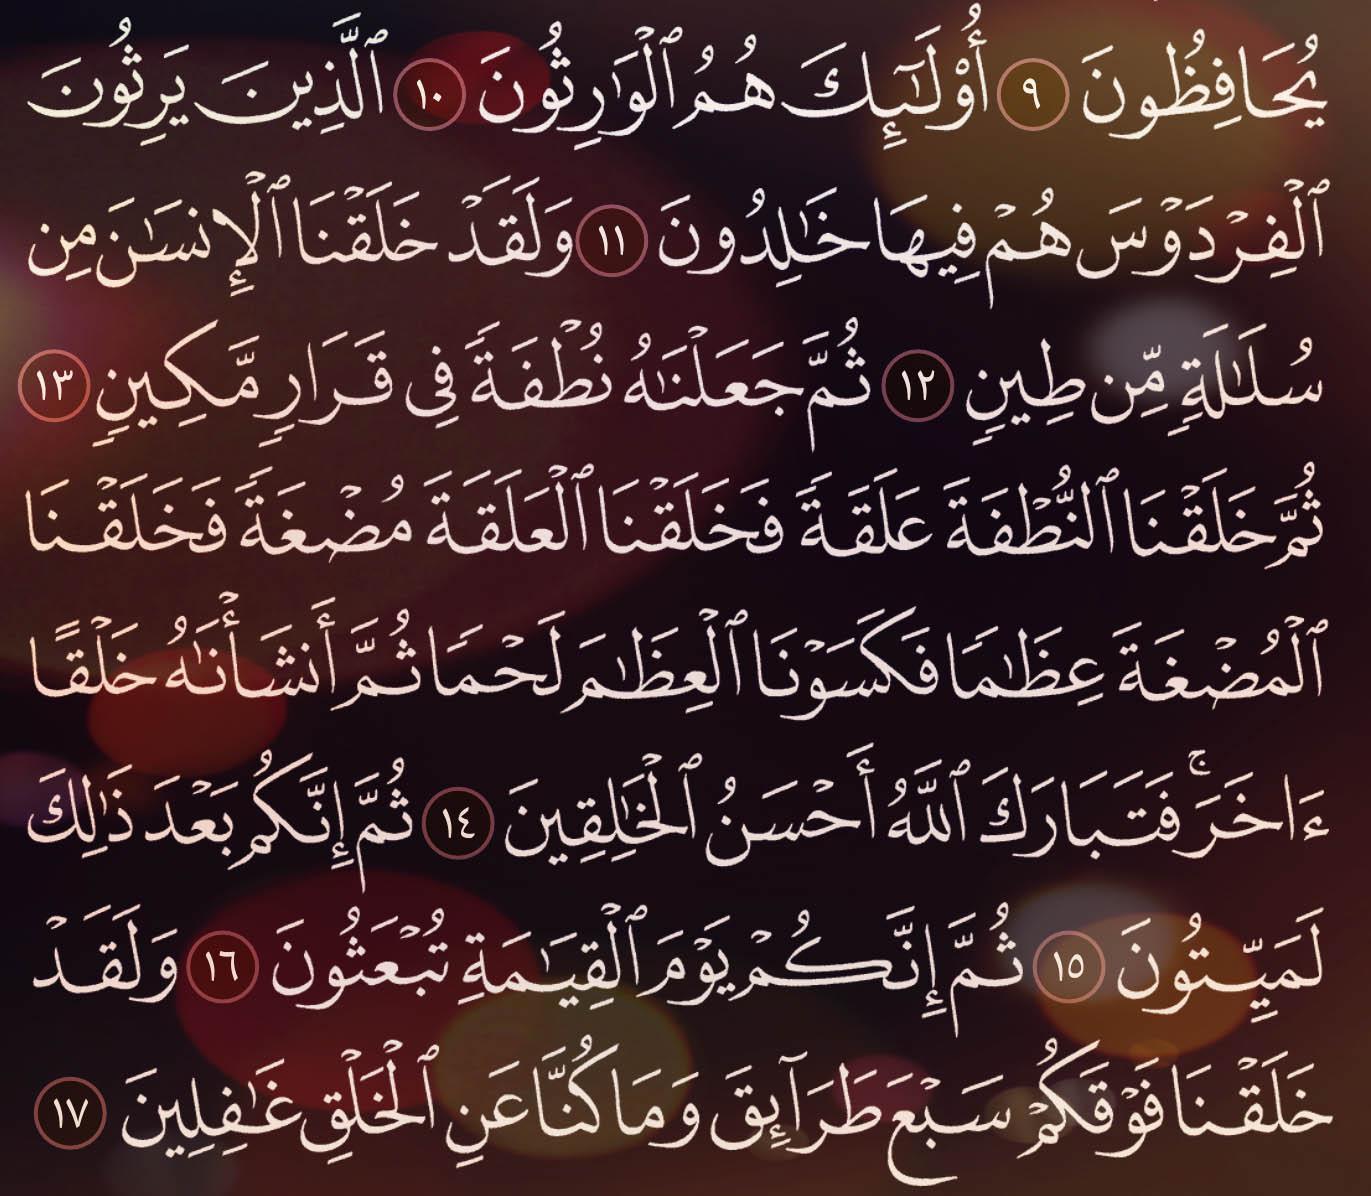 شرح وتفسير سورة المؤمنون Surah Al-Muminun ( من الآية 1 إلى الاية 17 )